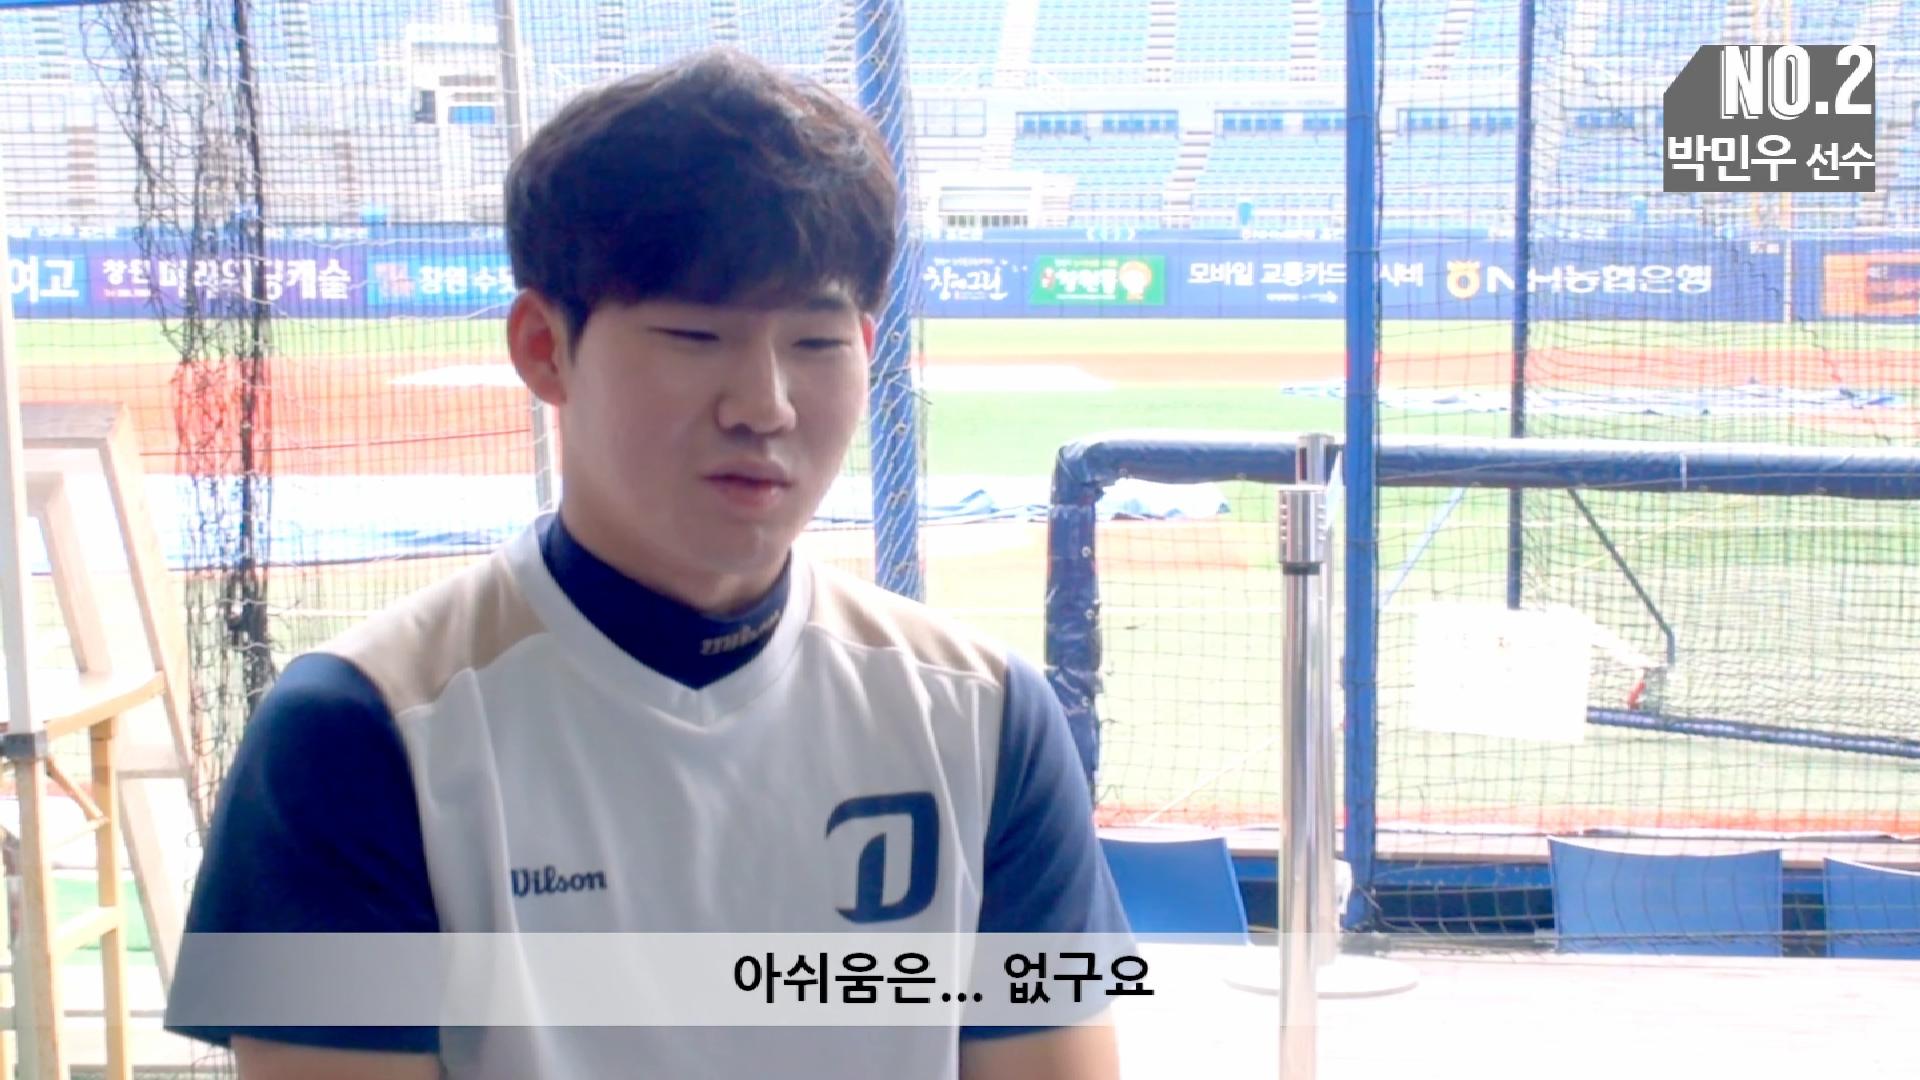 박민우 선수: 아쉬움은 없구요